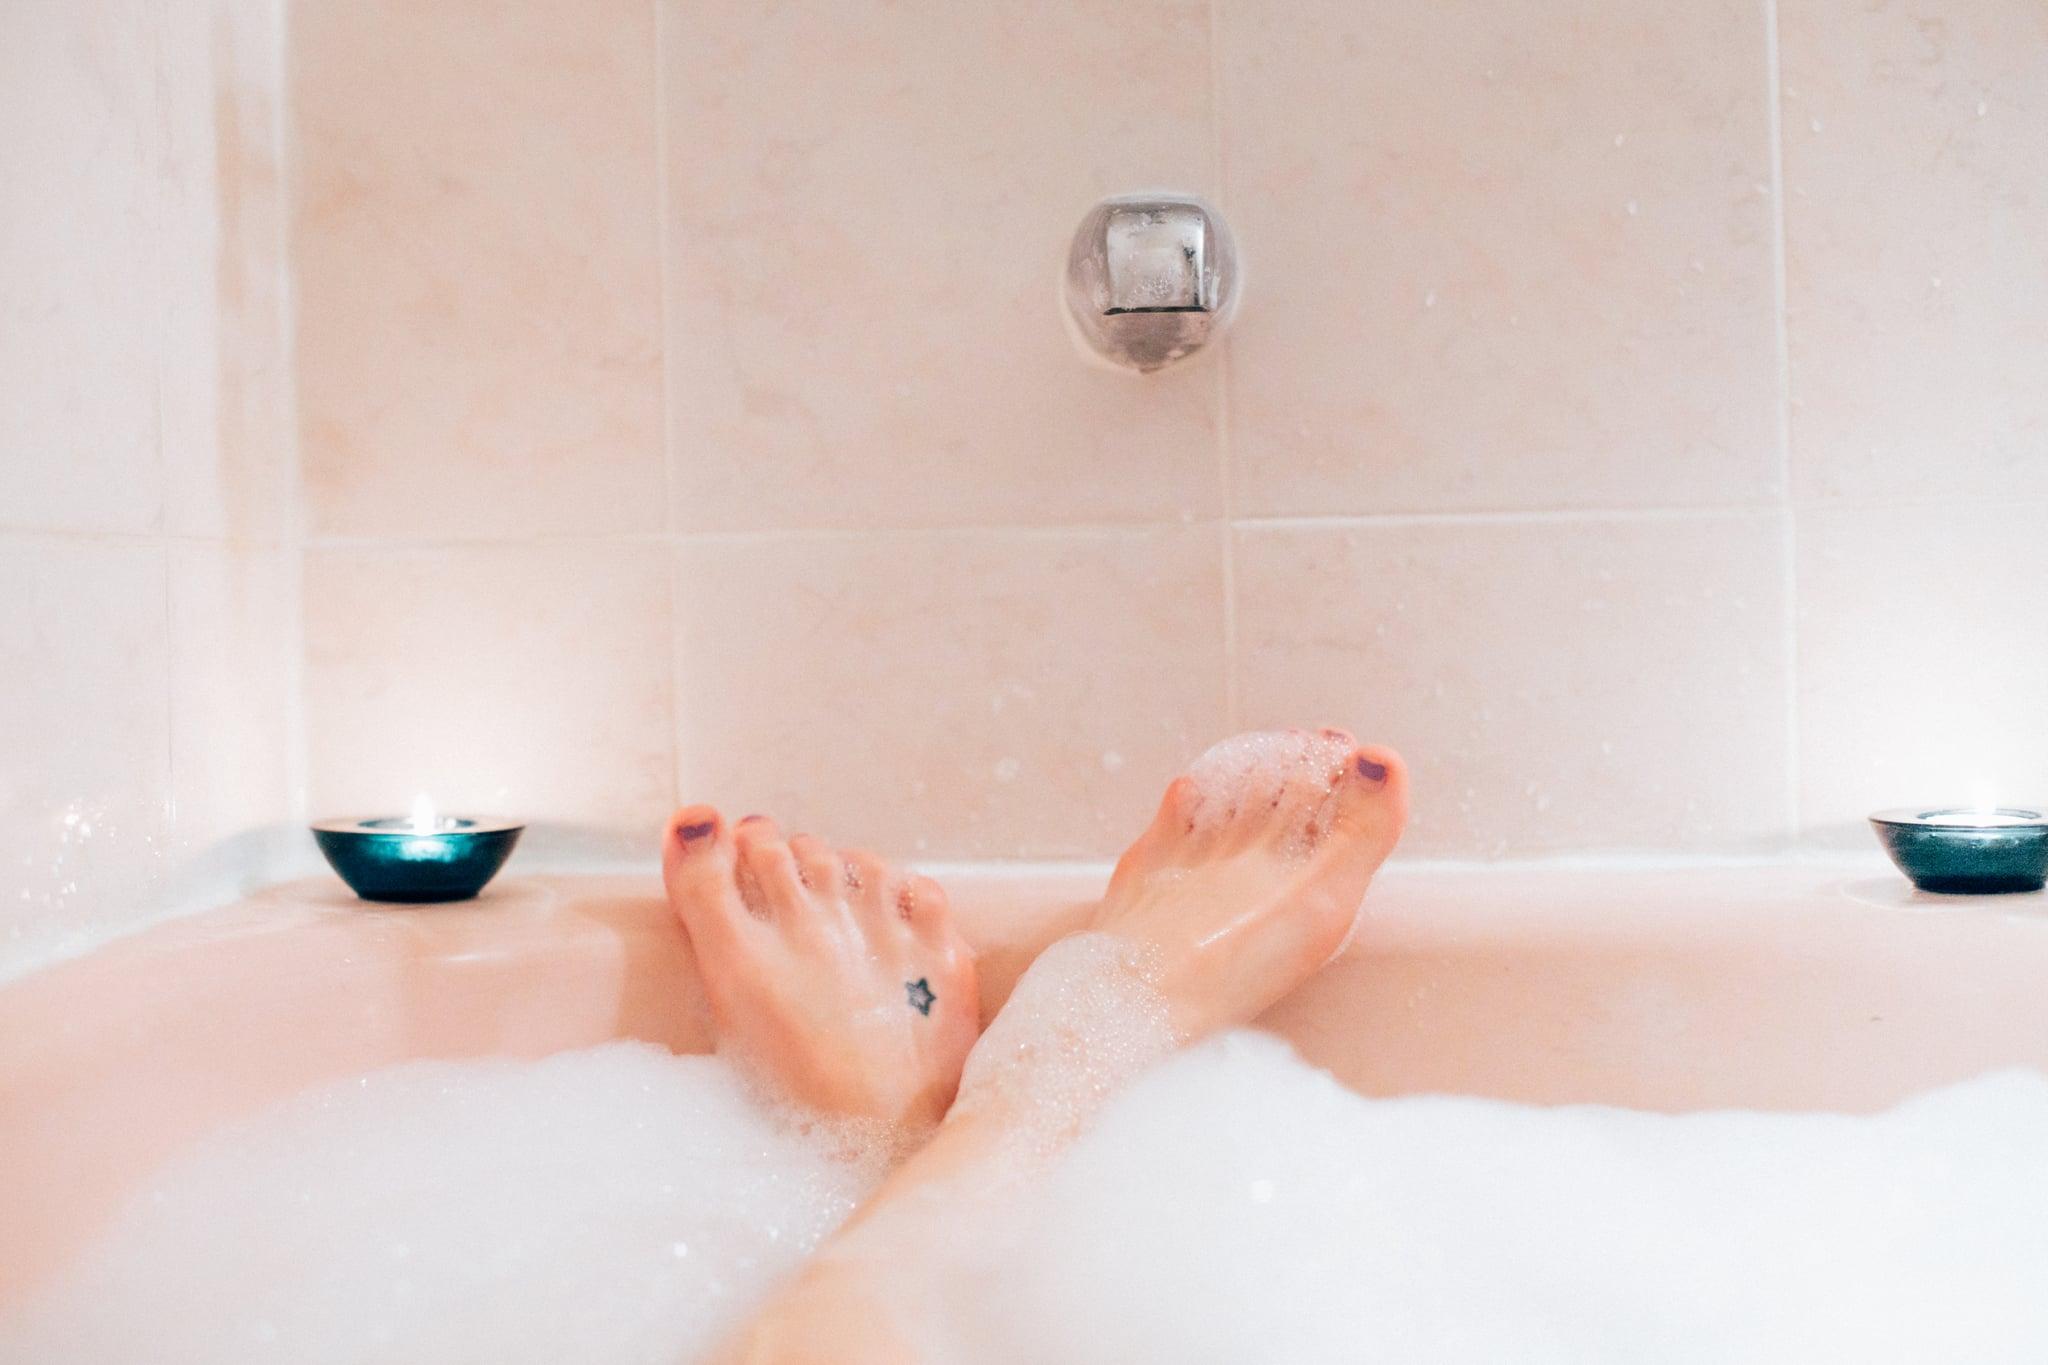 Woman's feet in bubble bath, bubble bath first person perspective, woman in bath tub, bubble bath, indulgence, bubbles, tub, bath first person perspective.